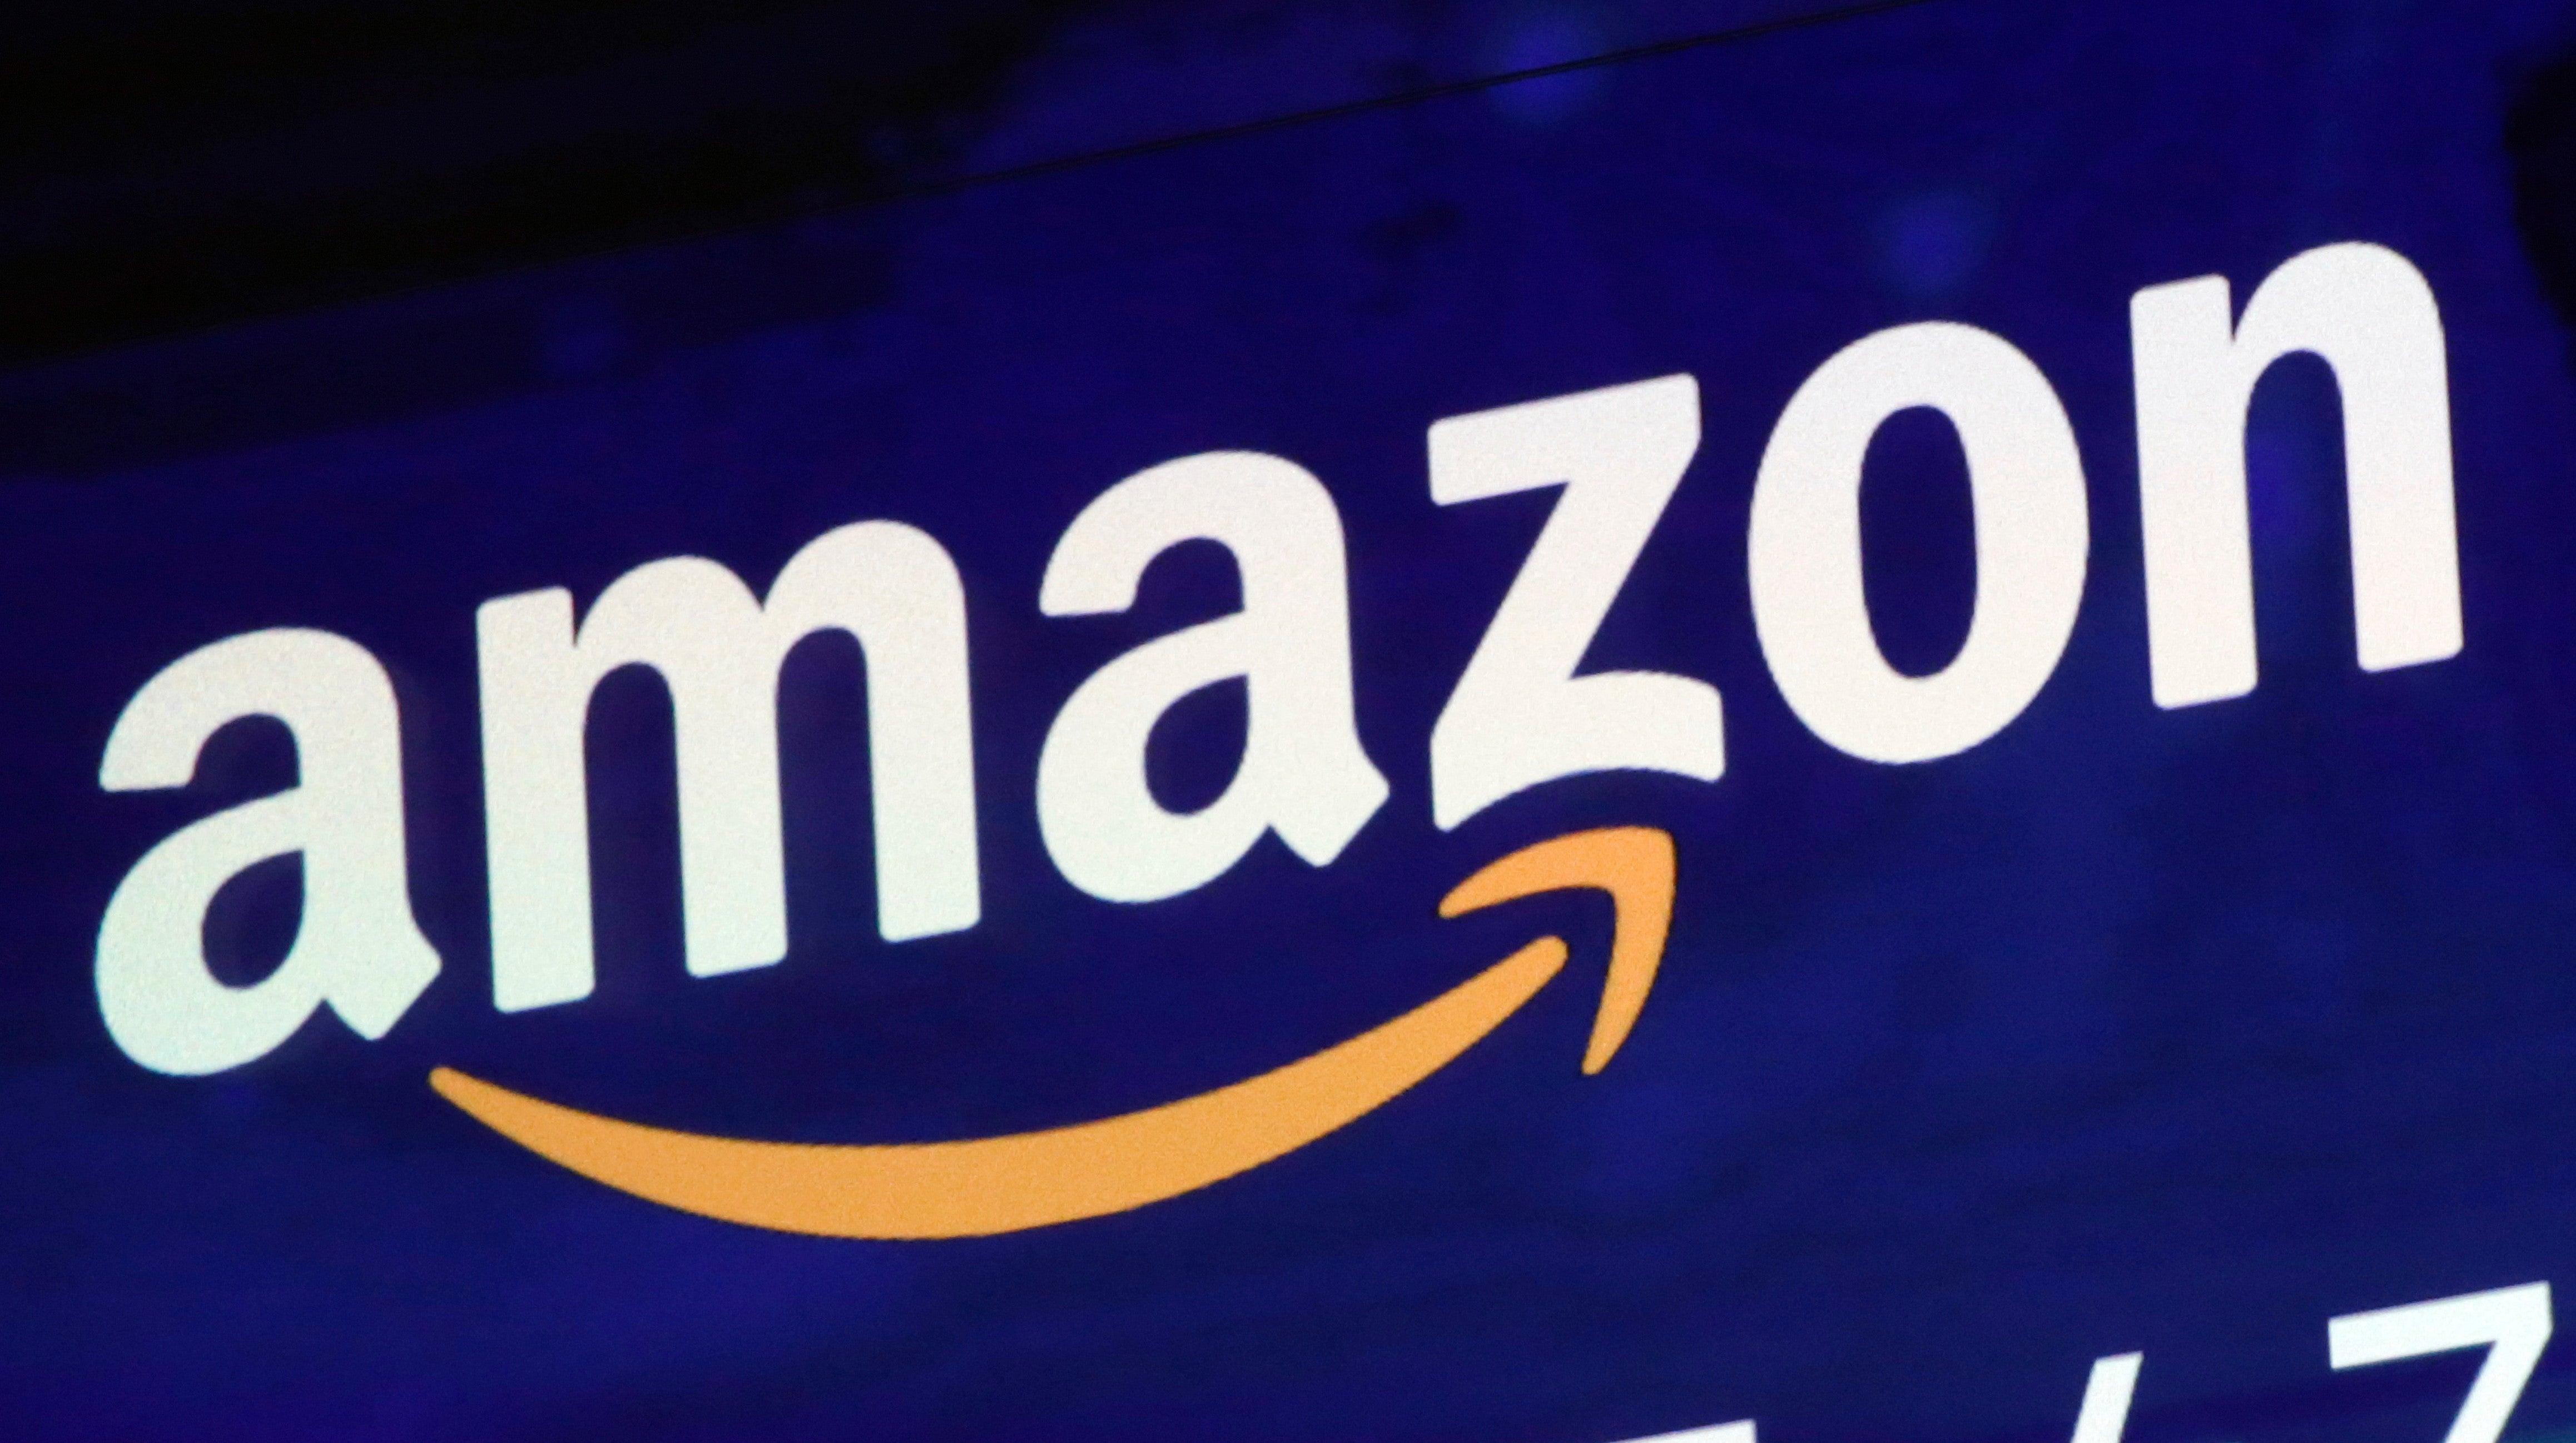 Amazon Faces Heat From U.S. Senators Over Ring Doorbell Security Practices